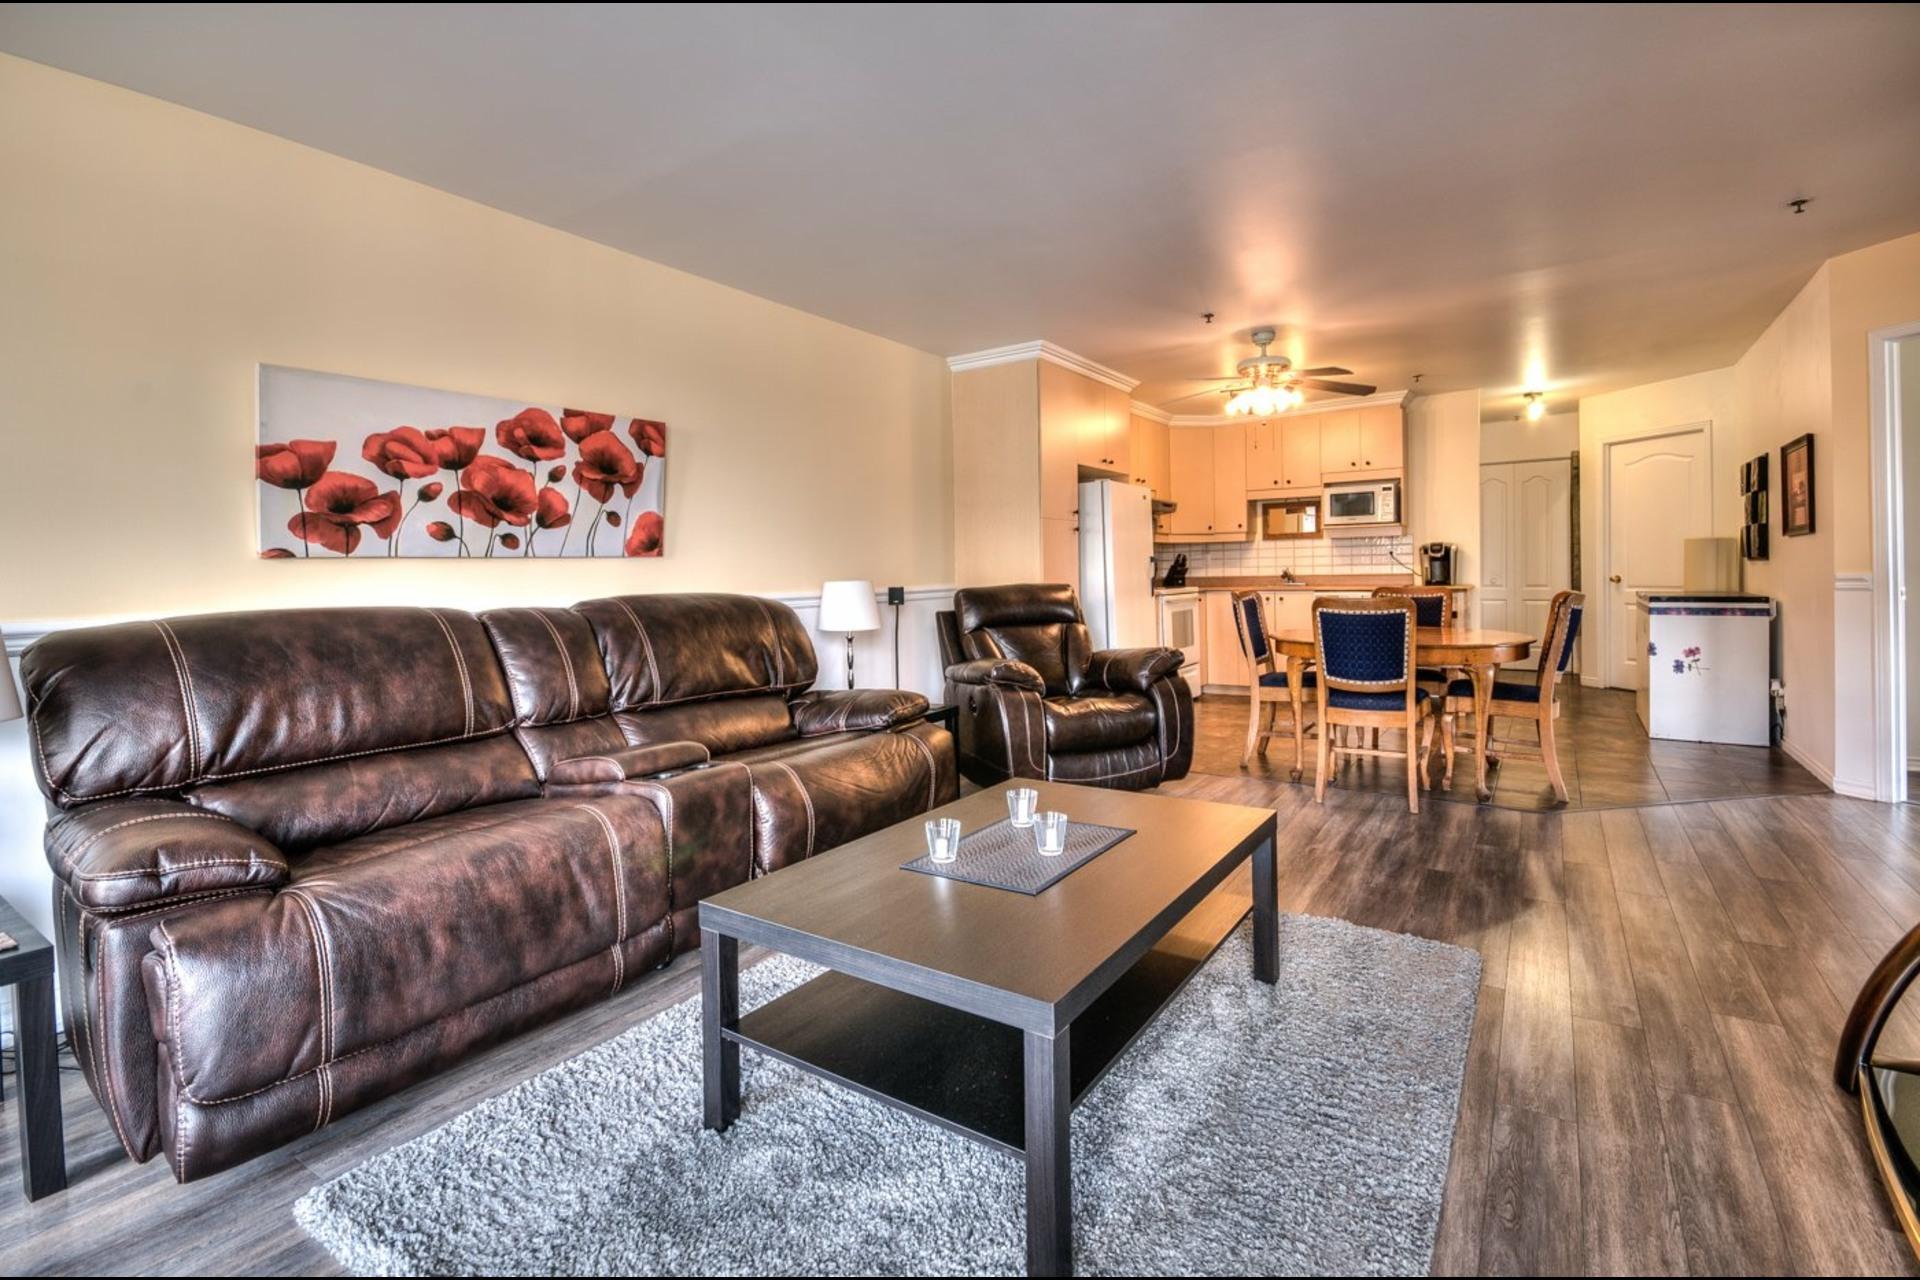 image 10 - Appartement À vendre Brossard - 5 pièces